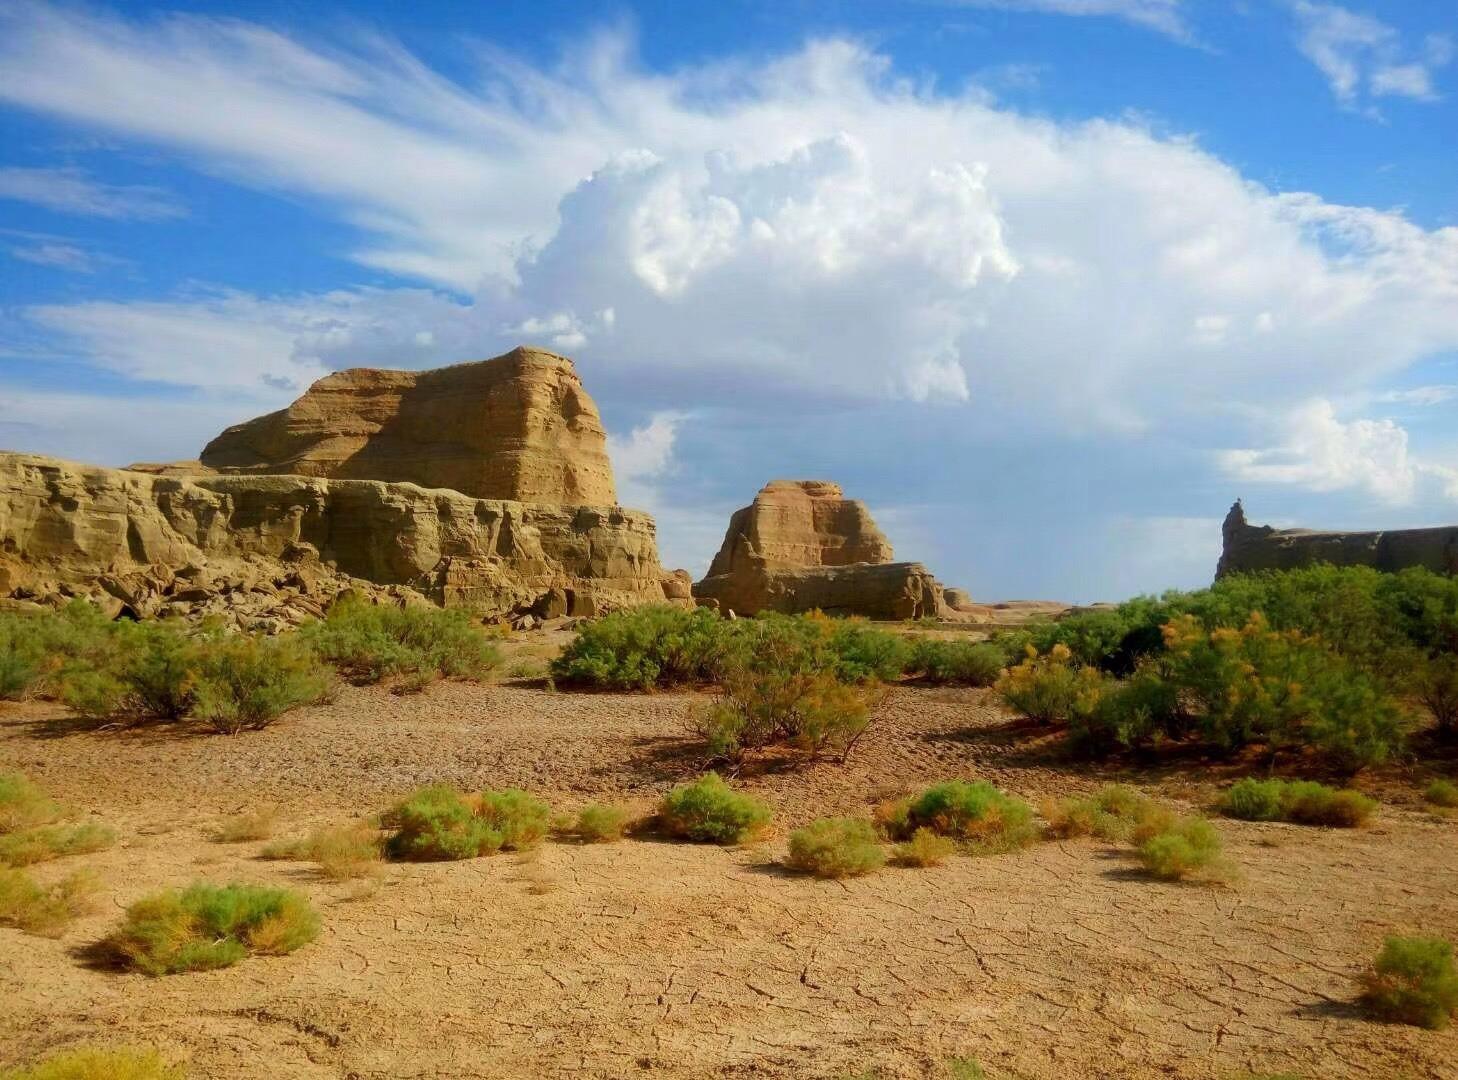 去新疆包車自駕游南疆與北疆如何選擇旅游線路?新疆旅行攻略